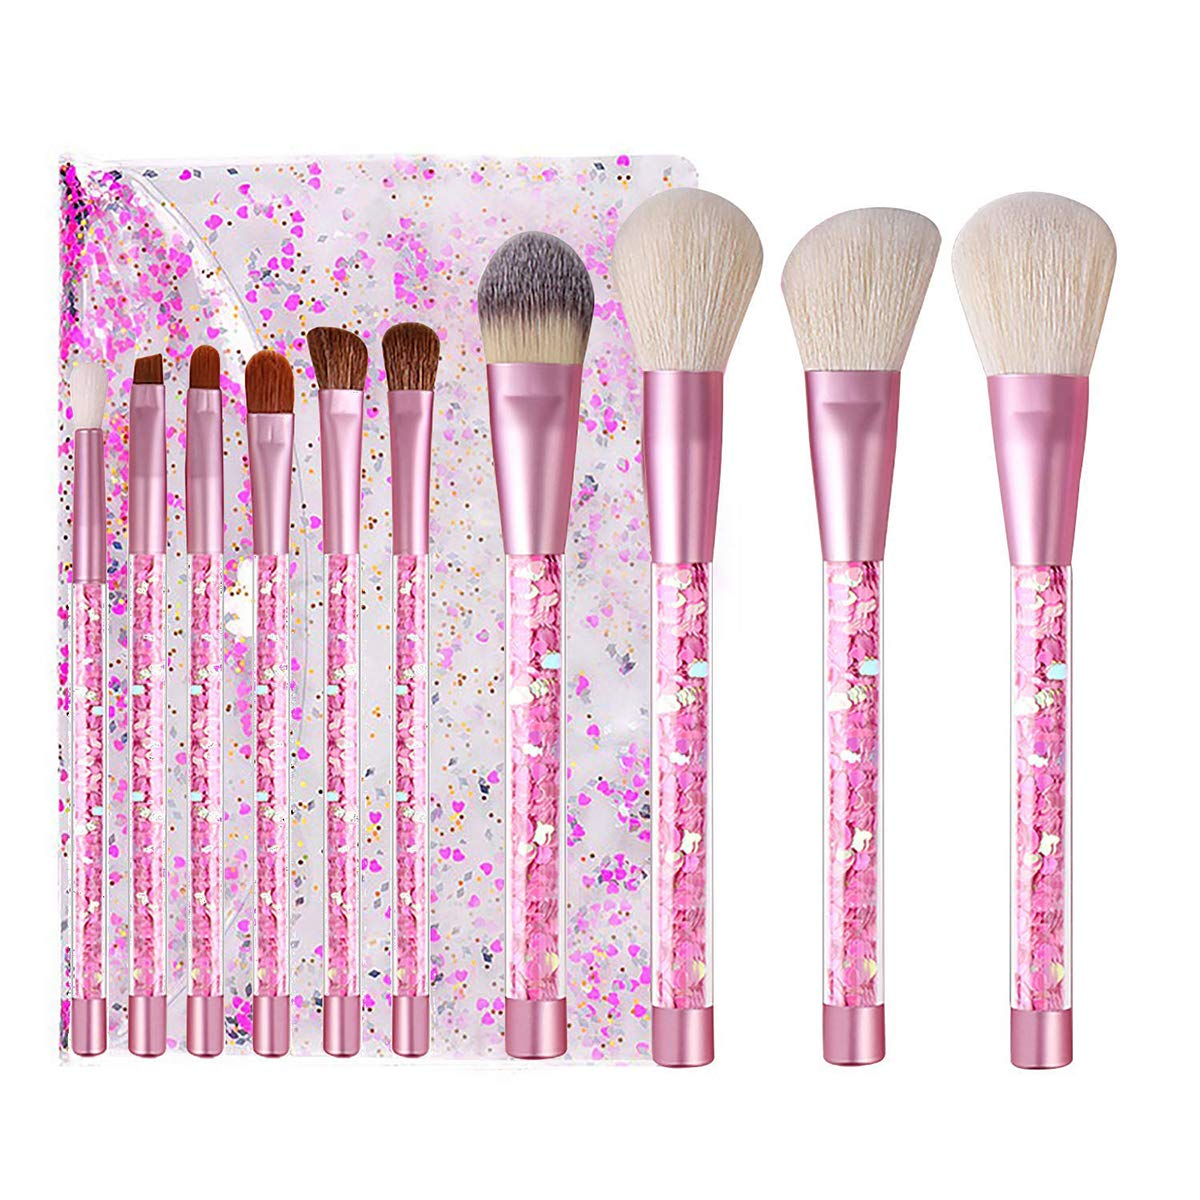 Kingtree Makeup Brushes with Clear Bag, 10PCS Pink Quicksand Sequins Handle Makeup Brush Set Professional Kabuki Foundation Blending Makeup Brush Kit